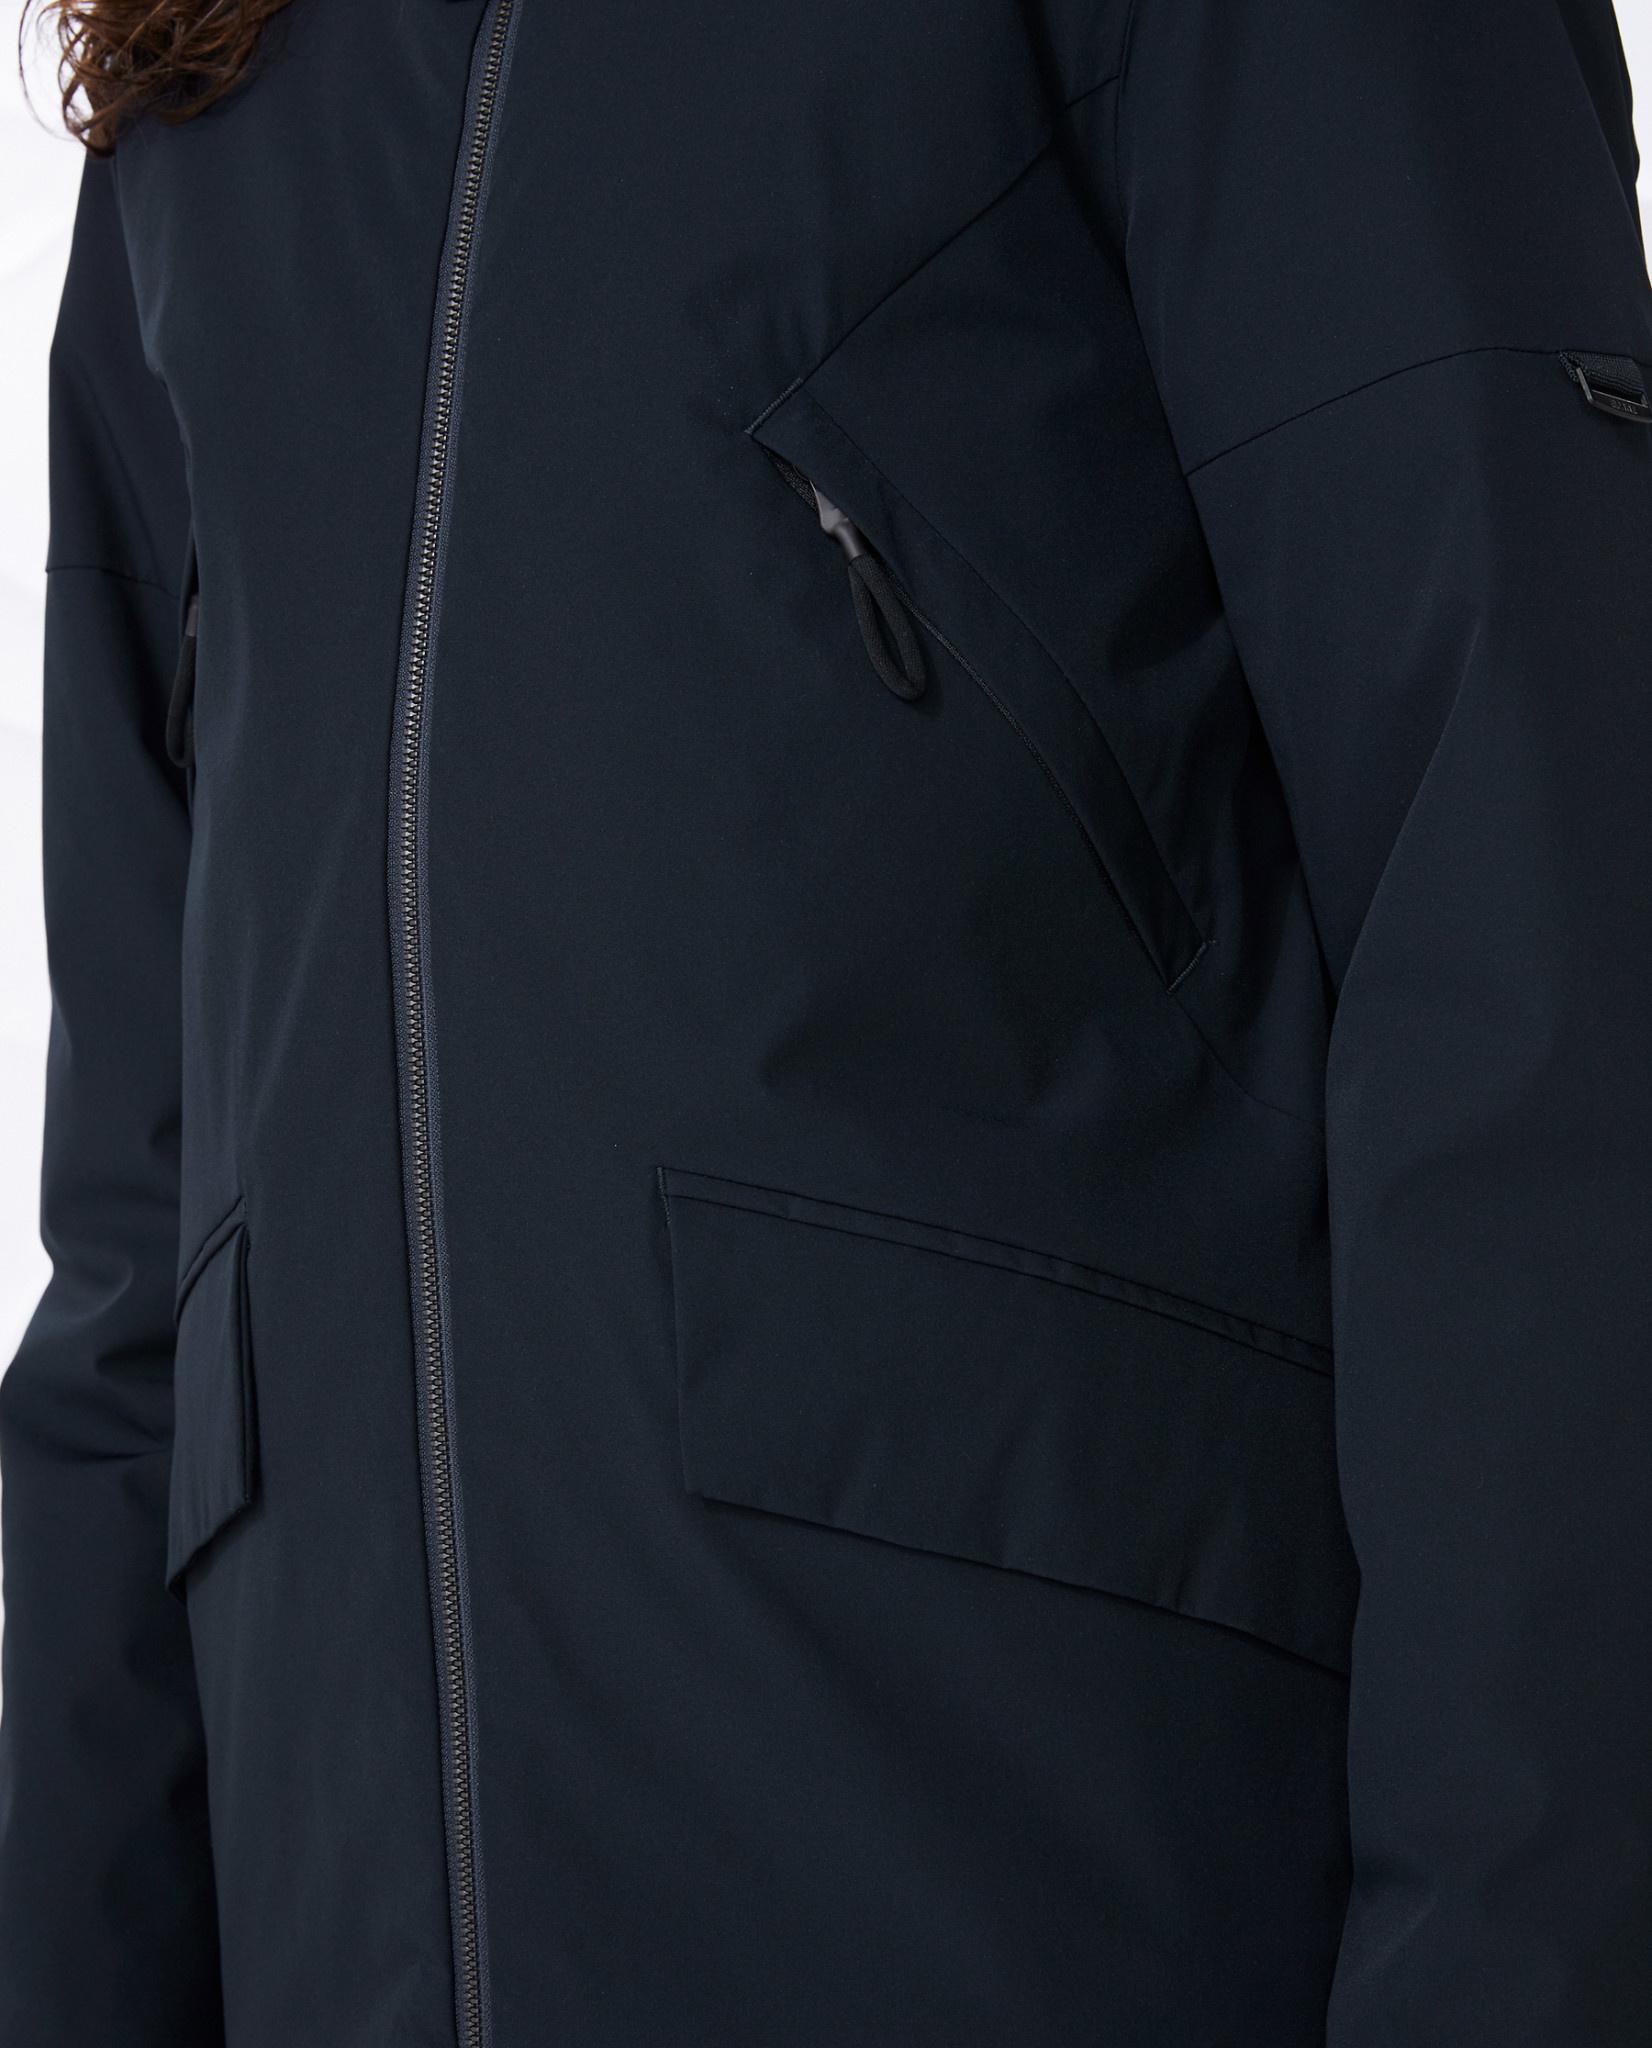 Elvine Elvine Cole Function Stretch Jacket Dark Navy